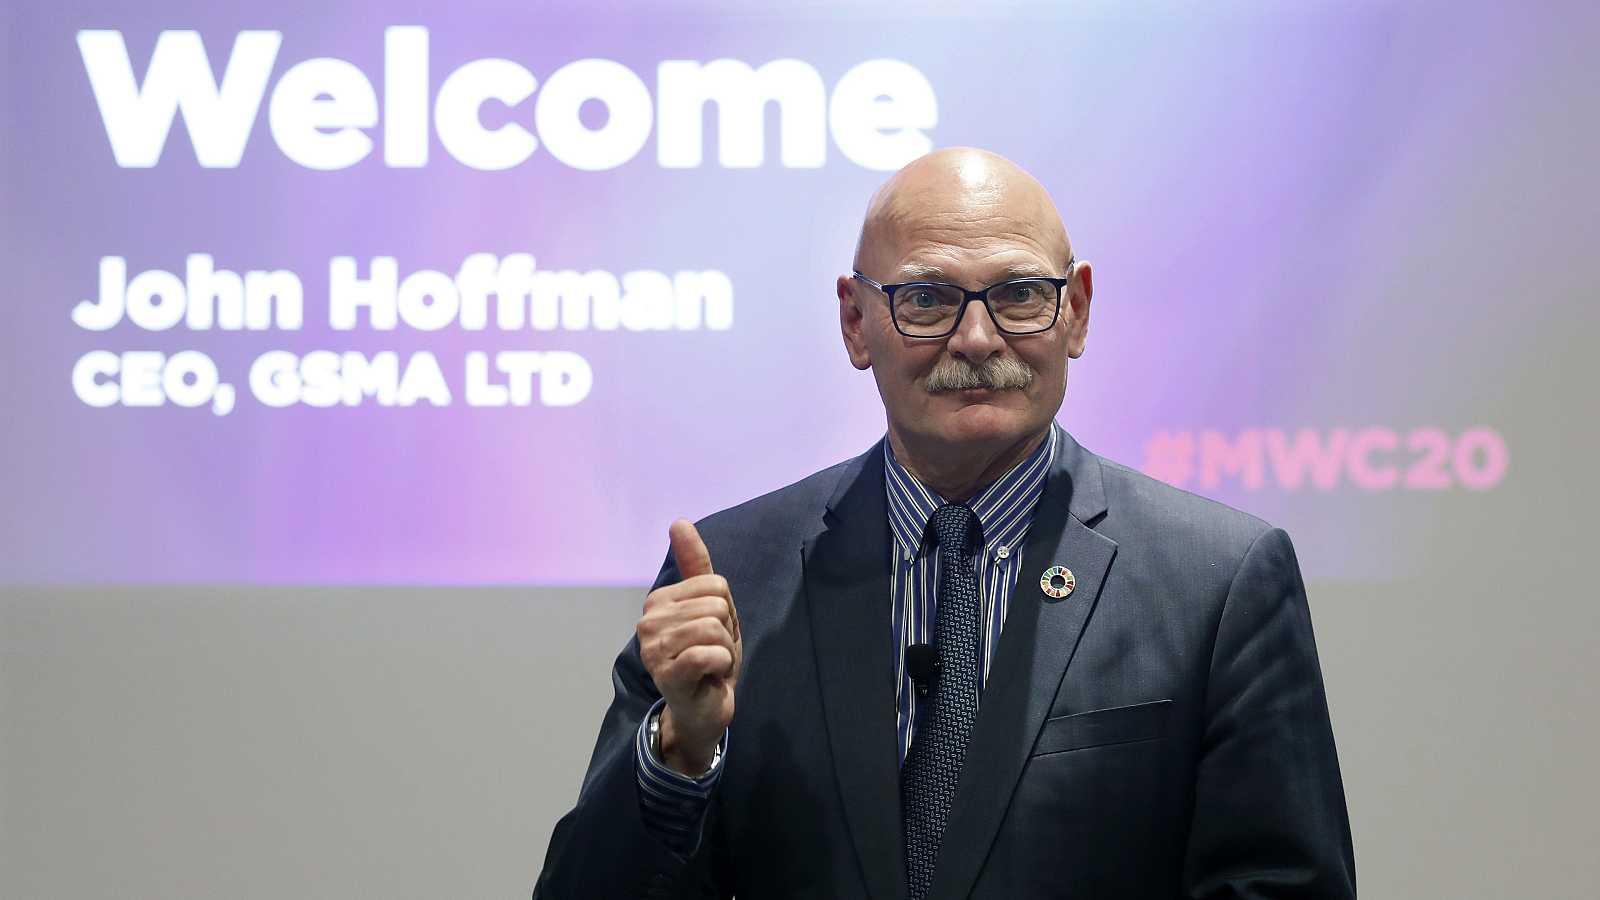 El consejero delegado de la organizadora del Mobile World Congress (MWC), John Hoffman, durante la presentación de la nueva edición del Congreso.